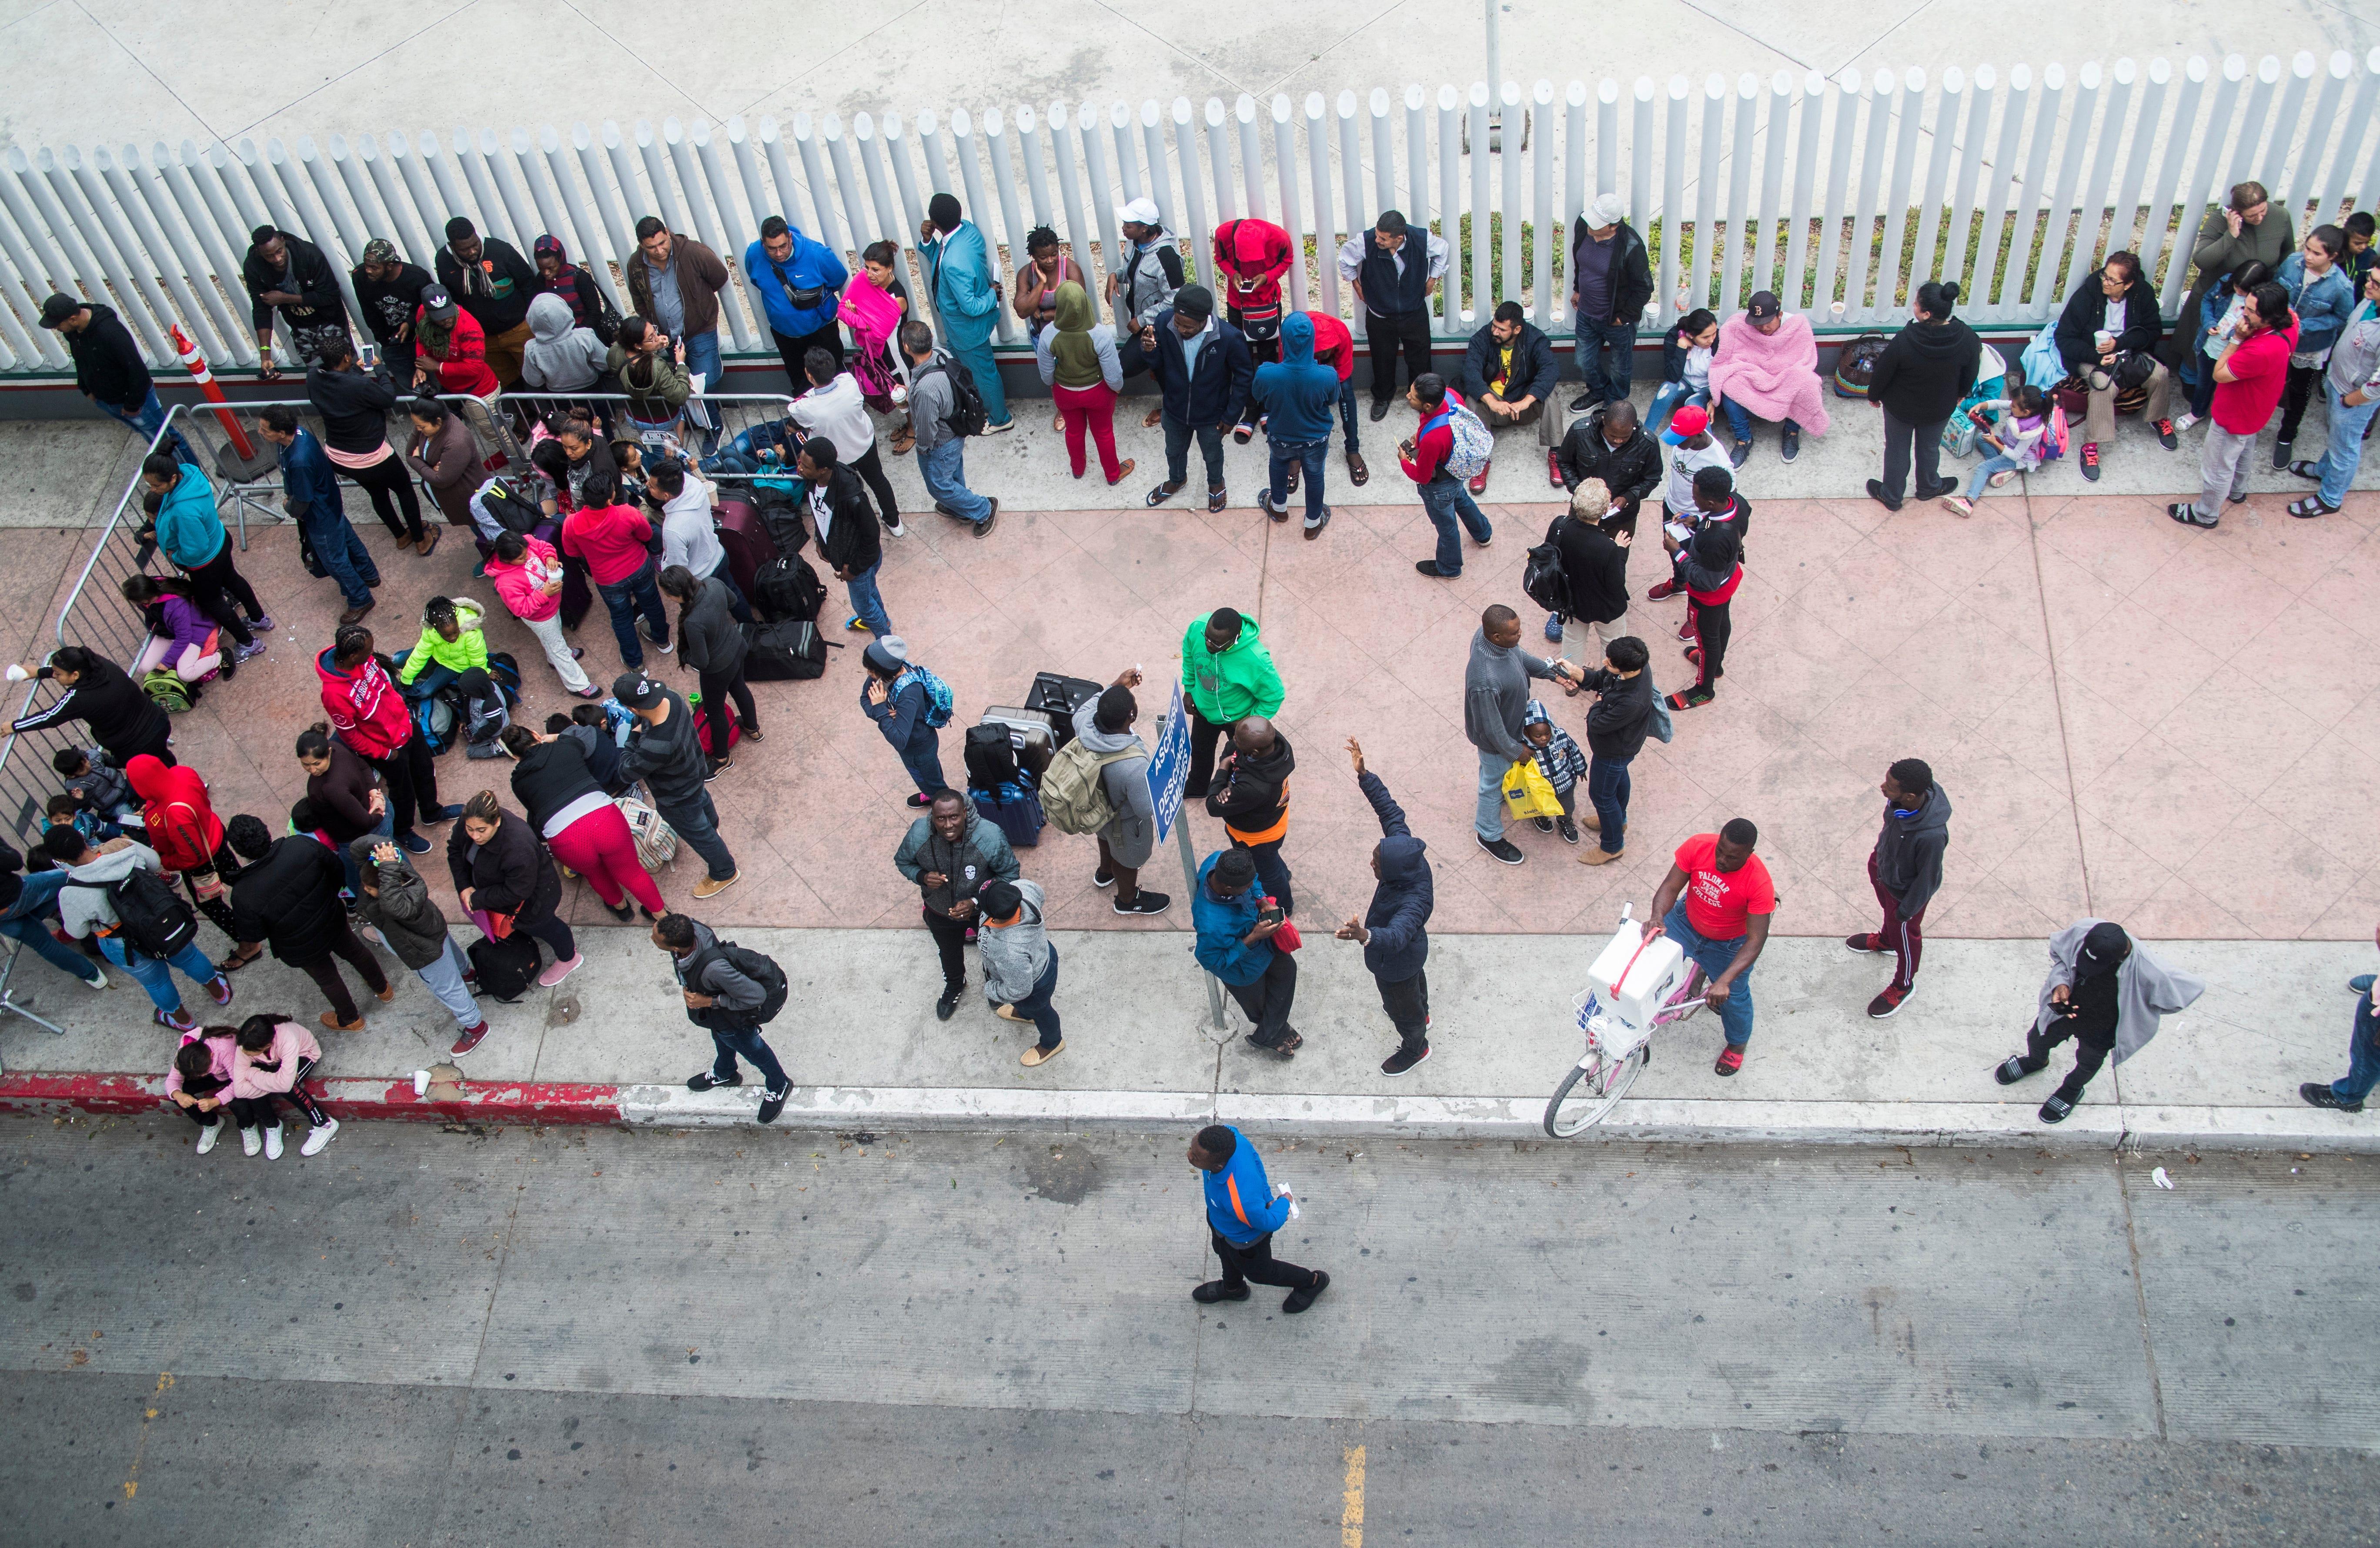 TIJUANA, México – Cientos de migrantes pasan por el ritual diario de visitar el puerto de entrada de El Chaparral a ver qué nombres fueron llamados de la lista de espera para introducir peticiones de asilo en los Estados Unidos. Los migrantes frecuentemente tienen que esperar semanas antes de ser llamados.